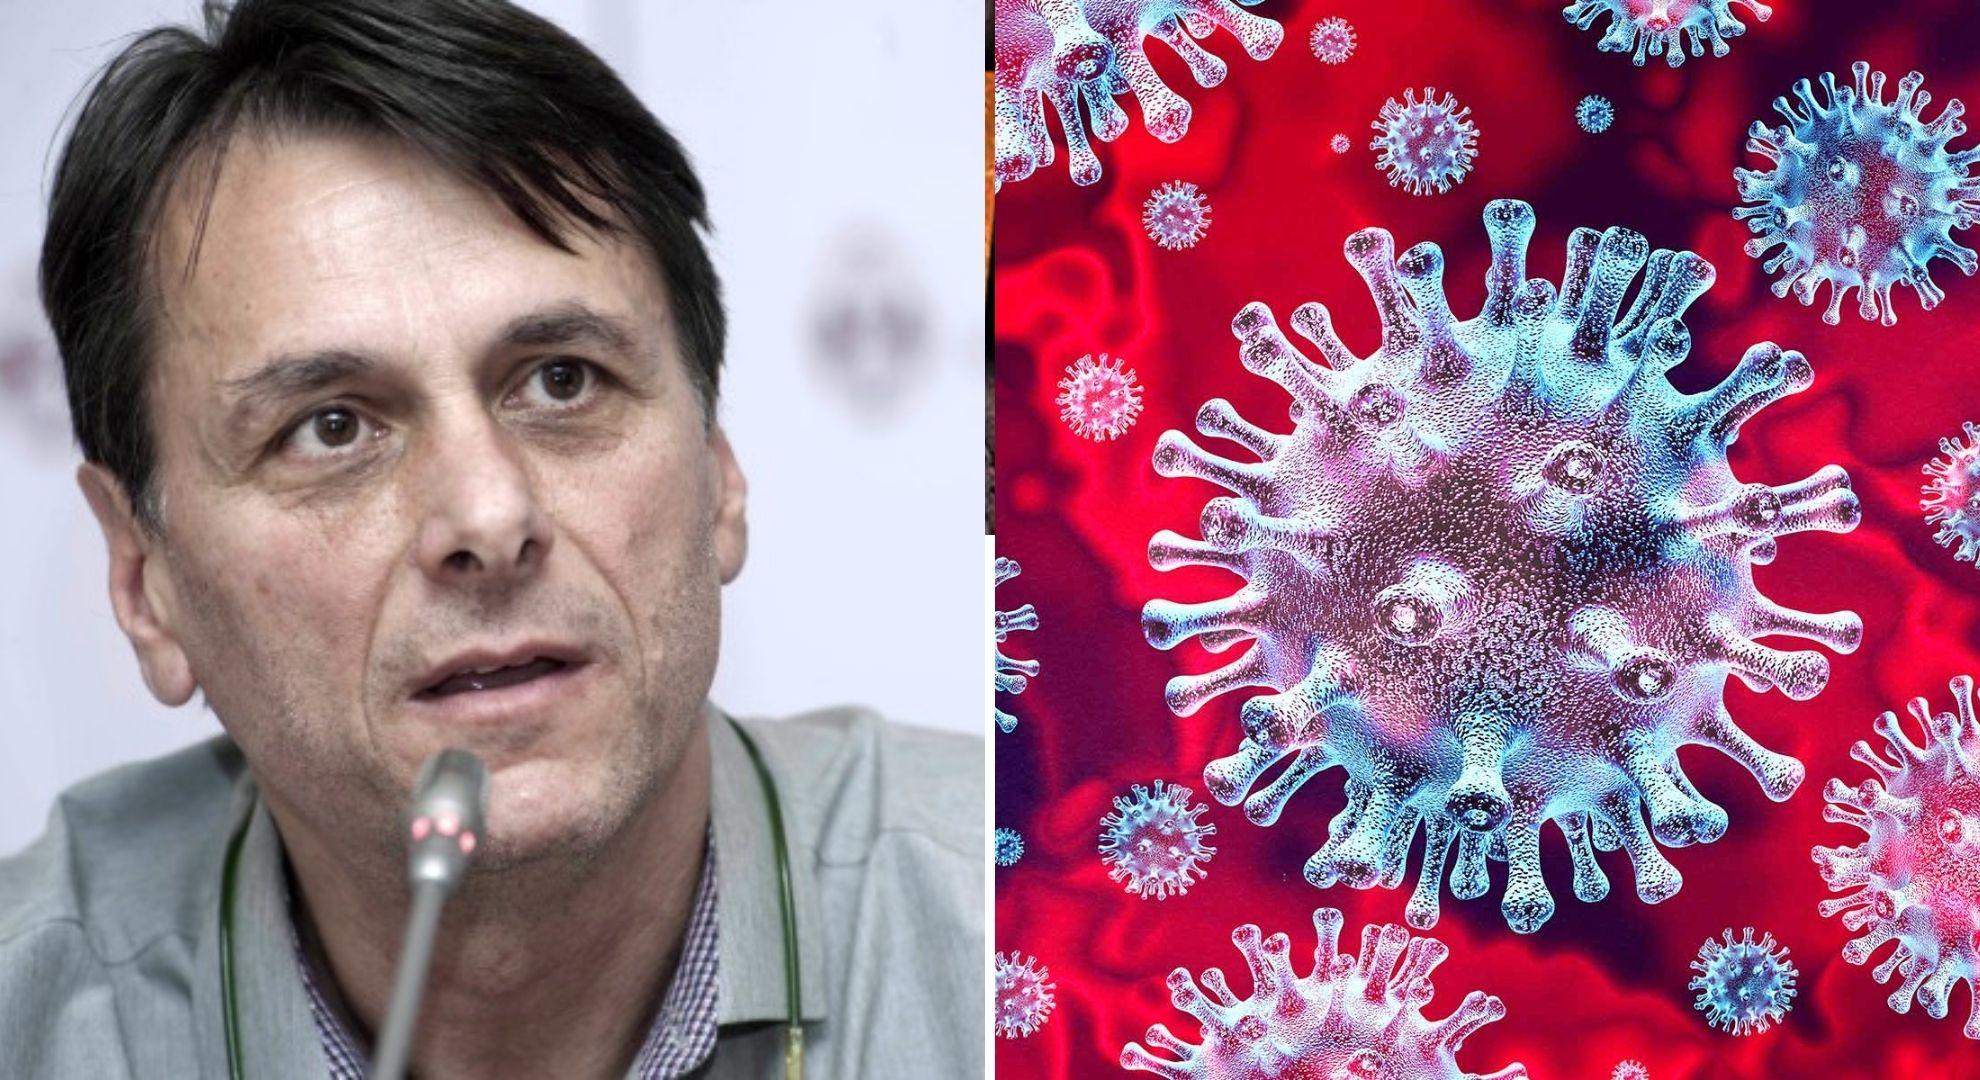 Bogdan Stanoevici - intervenție delicată care i-a pus plămânii în repaos total. Politicianul are o formă gravă de coronavirus